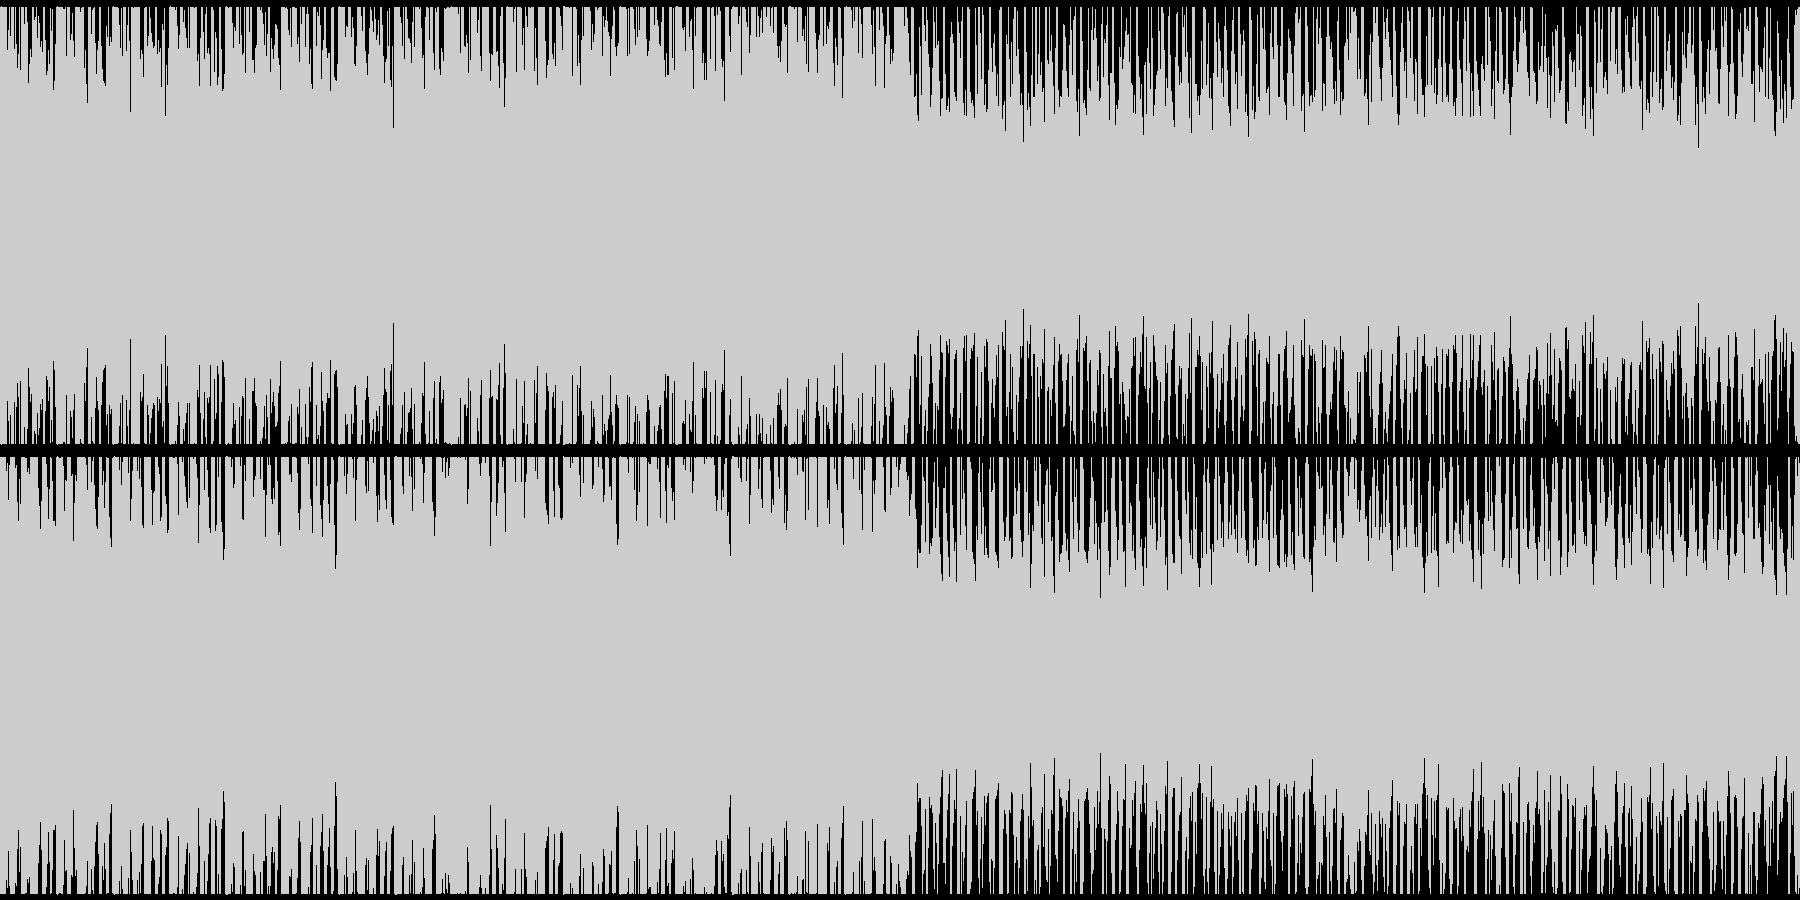 攻撃的なシネマティックオーケストラ曲の未再生の波形